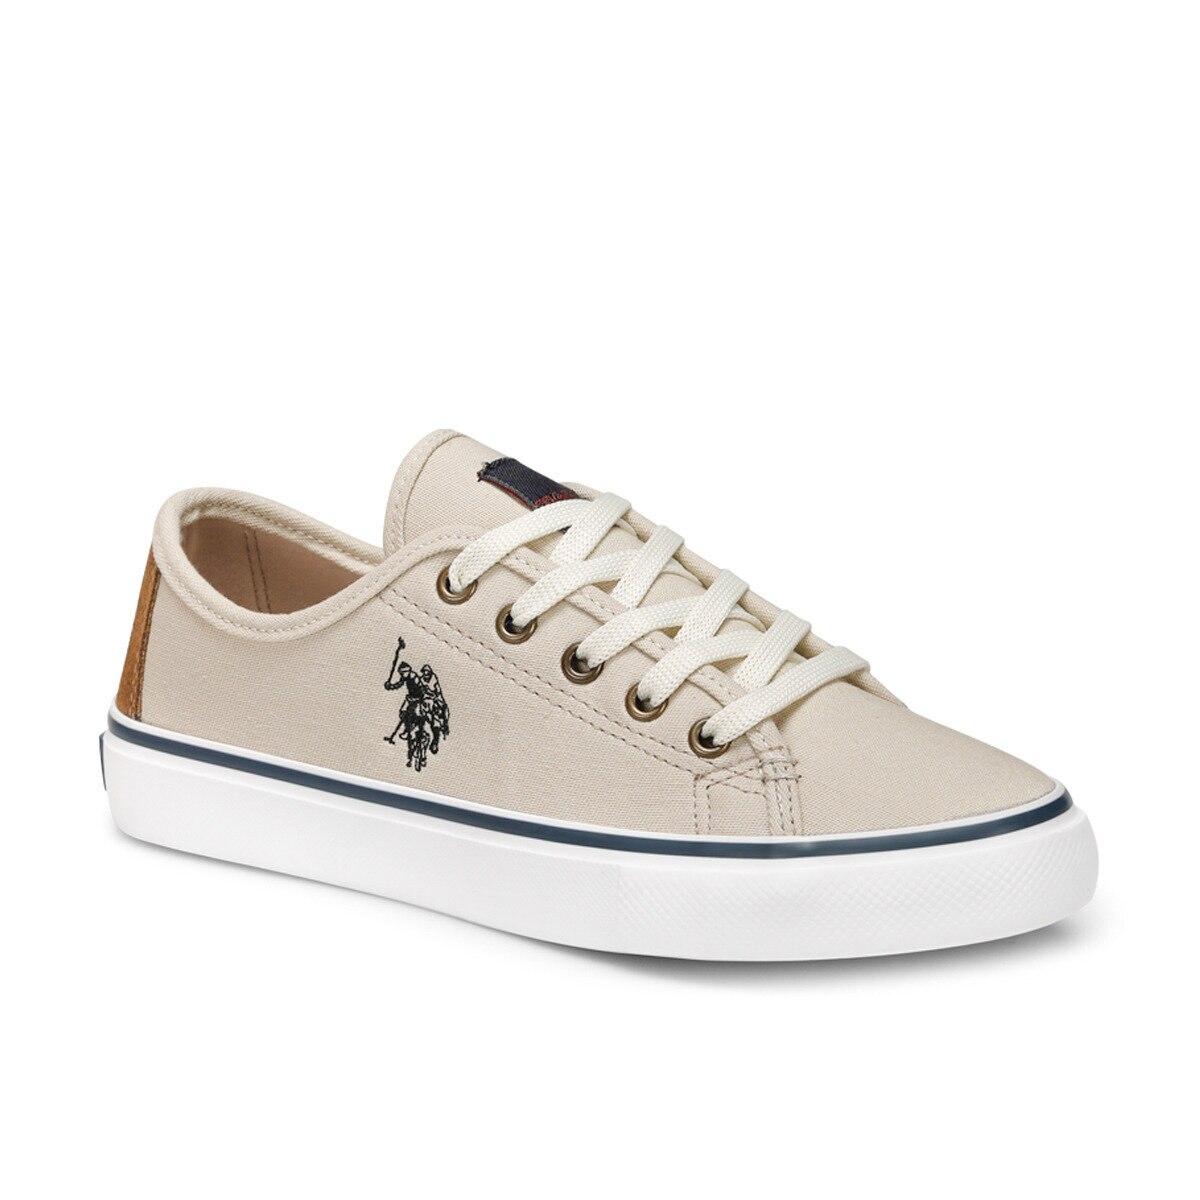 FLO TOGA Beige Women 'S Sneaker Shoes U.S. POLO ASSN.